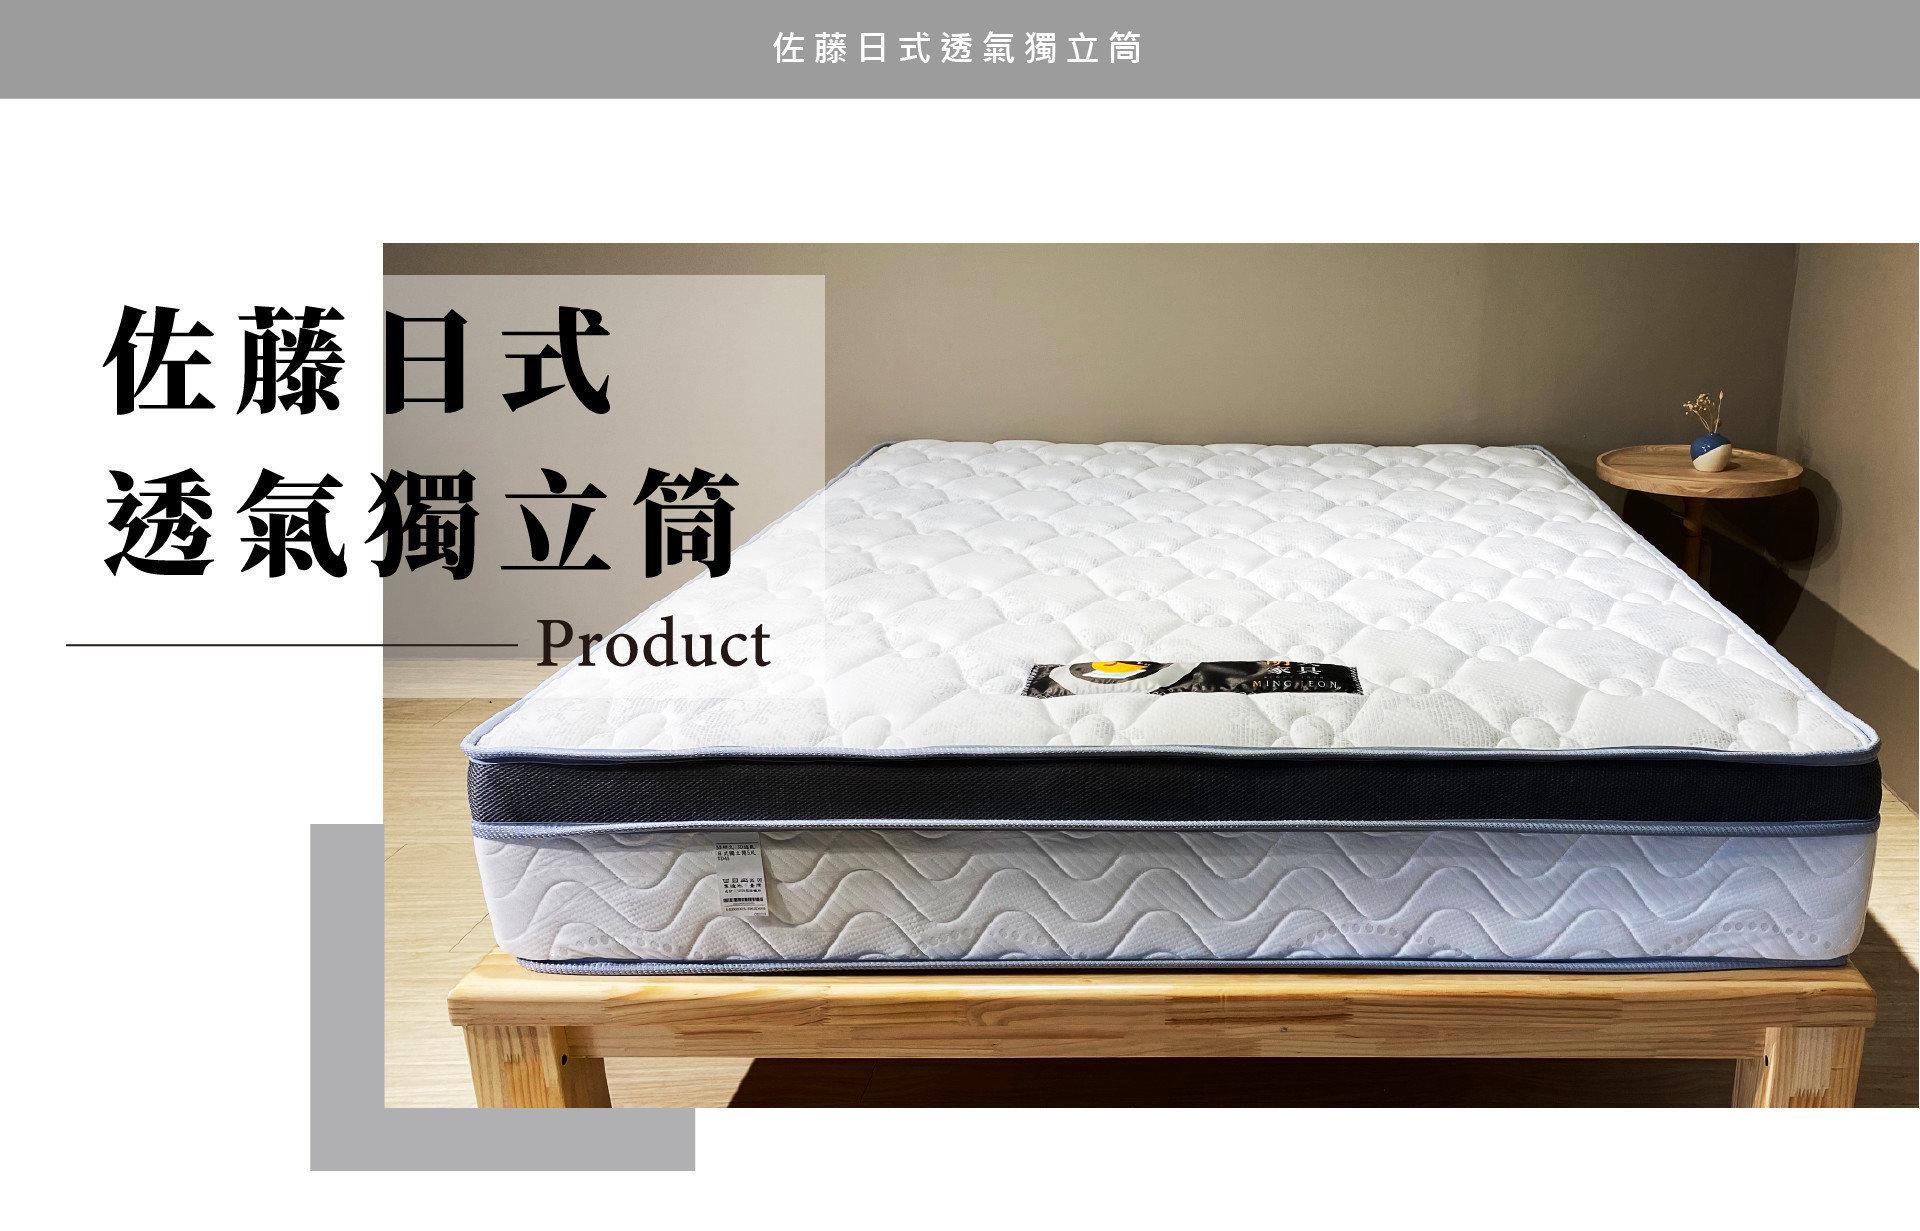 佐藤日式透氣獨立筒商品介紹